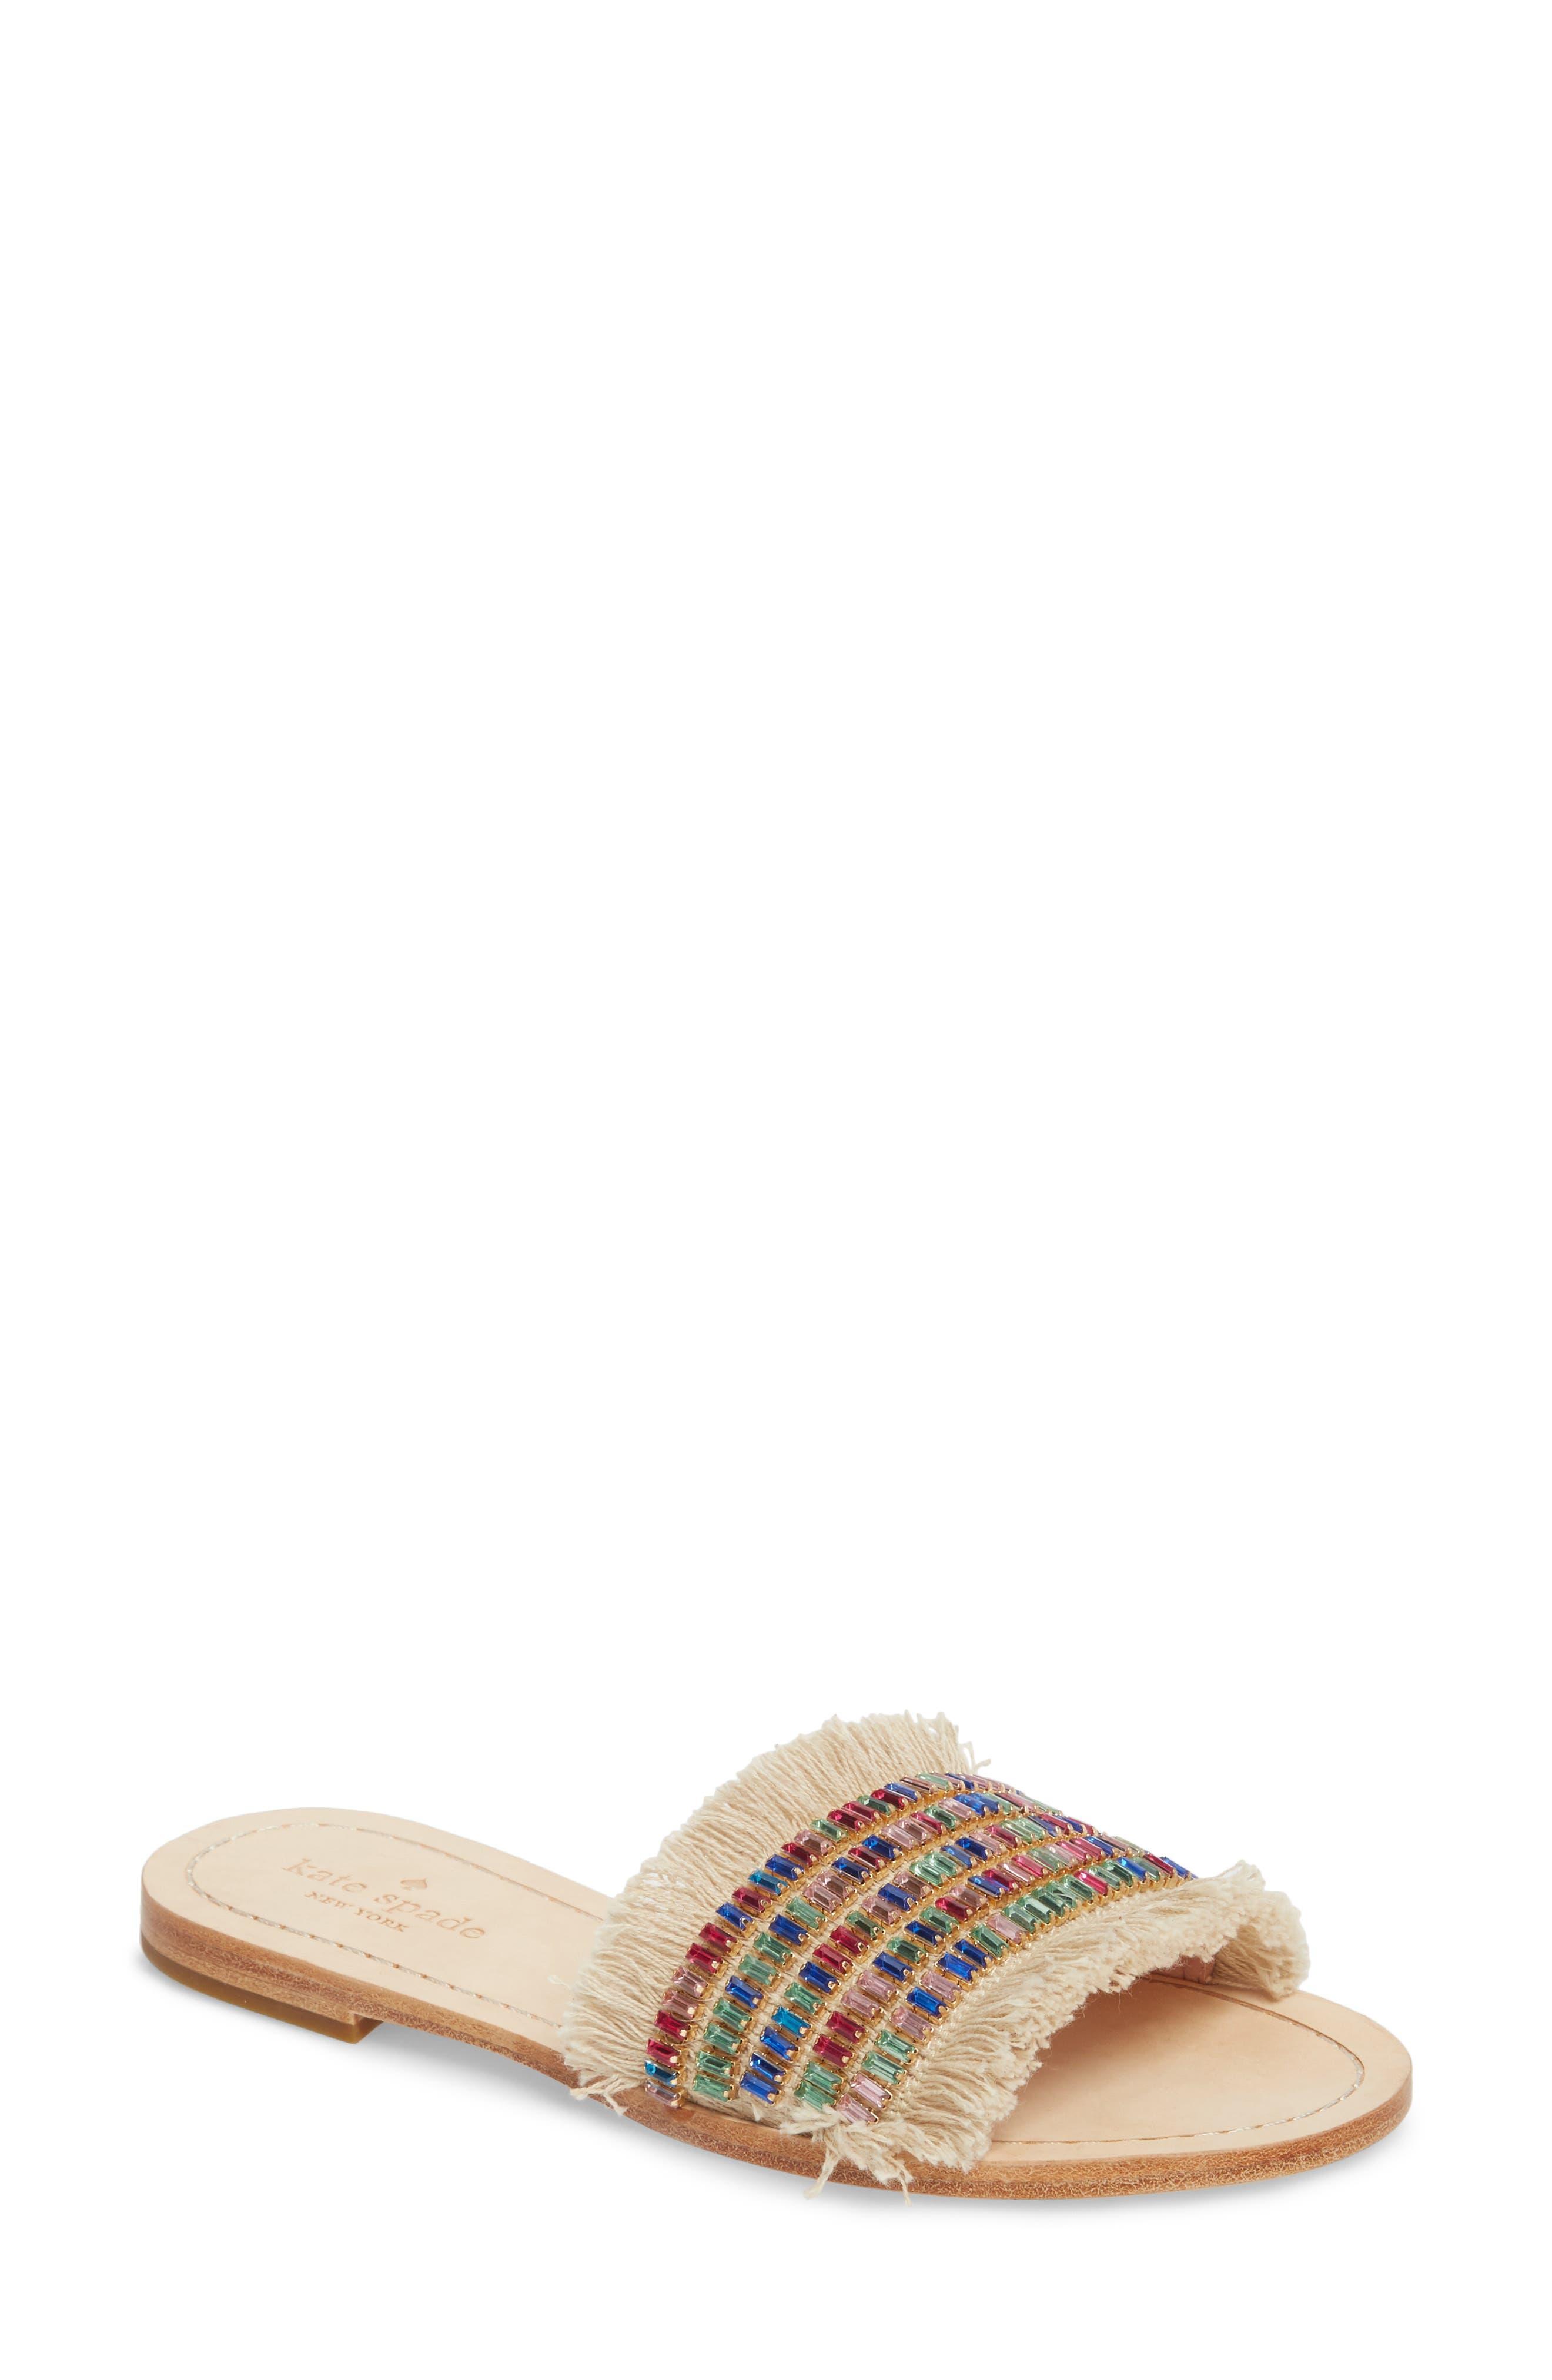 solaina slide sandal,                             Main thumbnail 1, color,                             Natural/ Multi